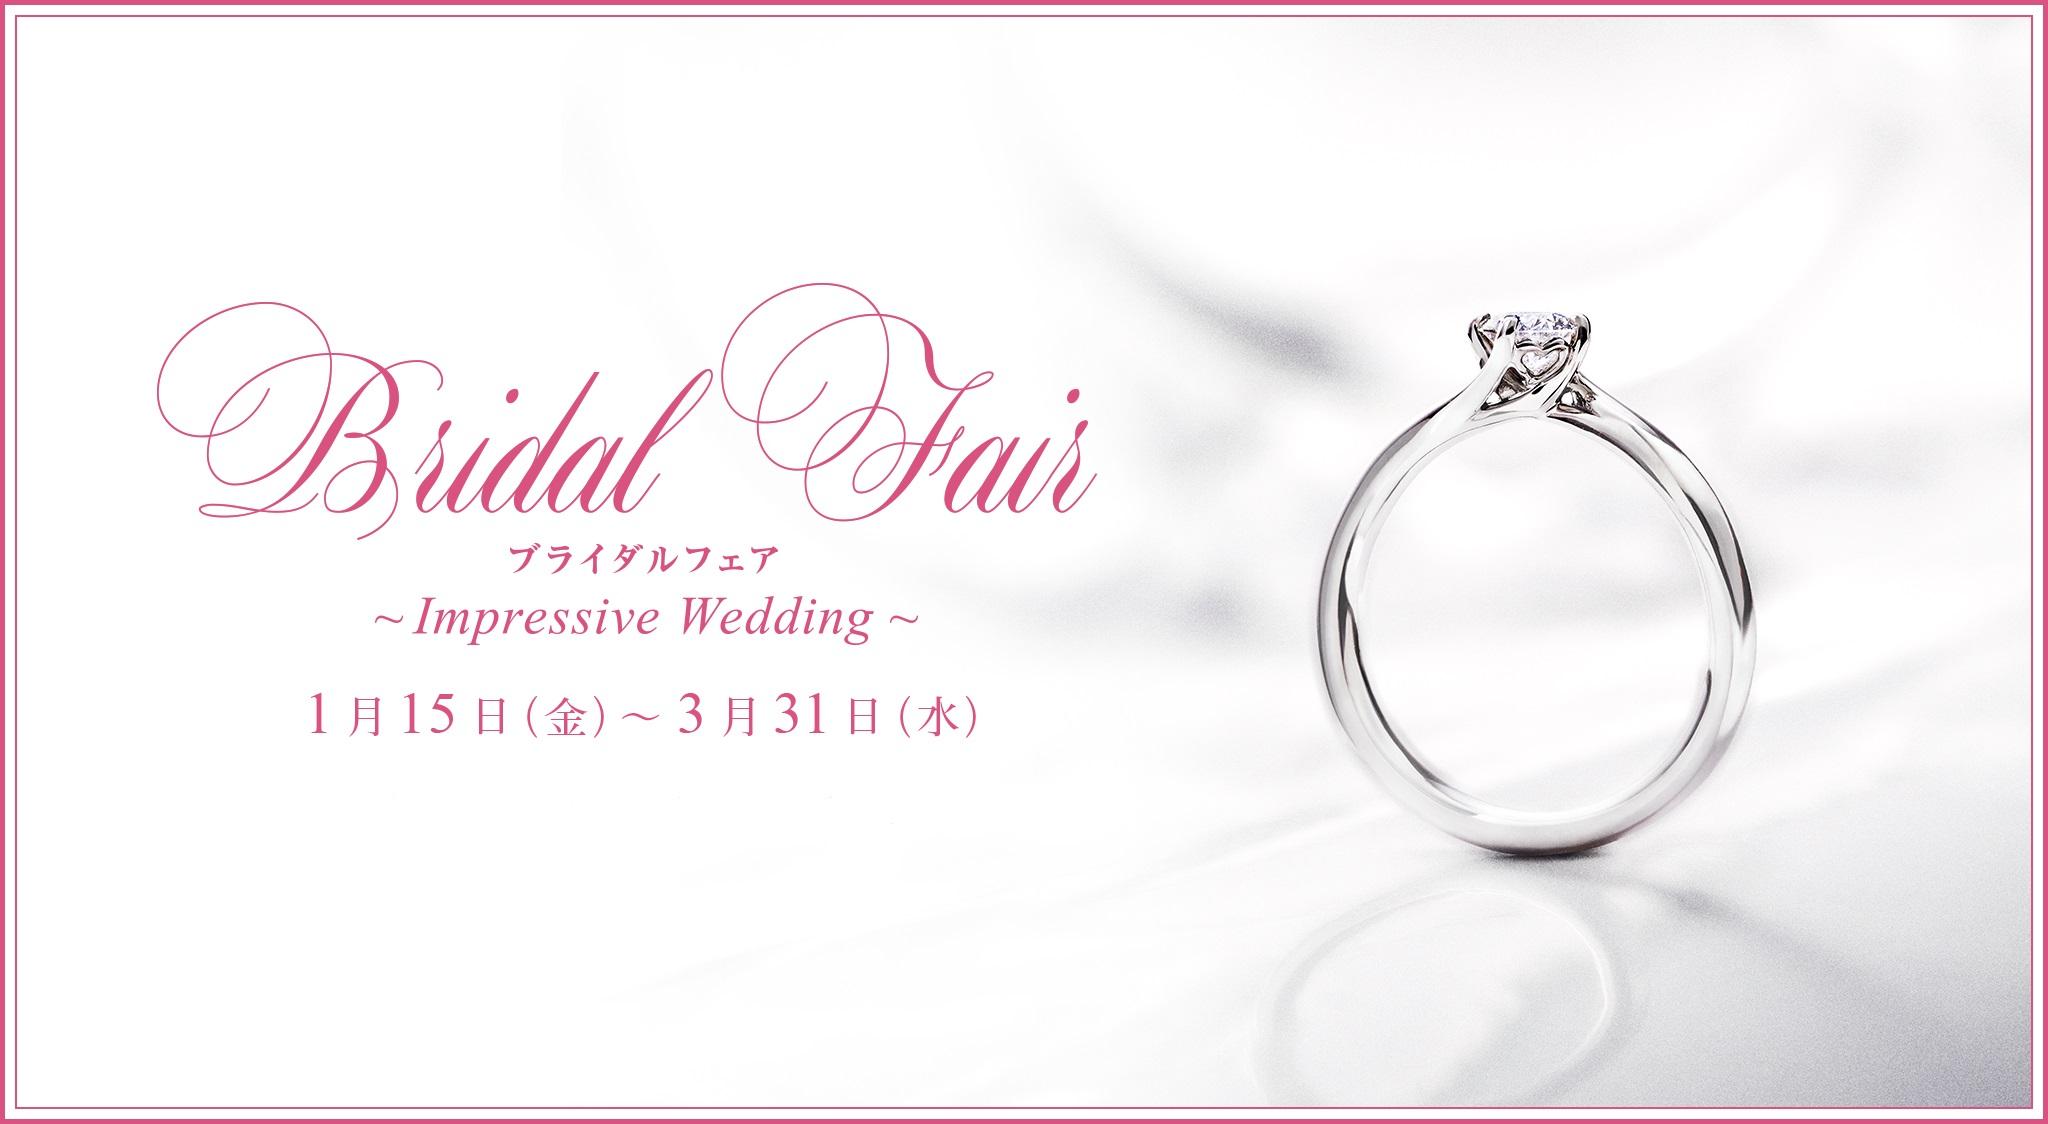 【PonteVecchio】~Impressive  Wedding~